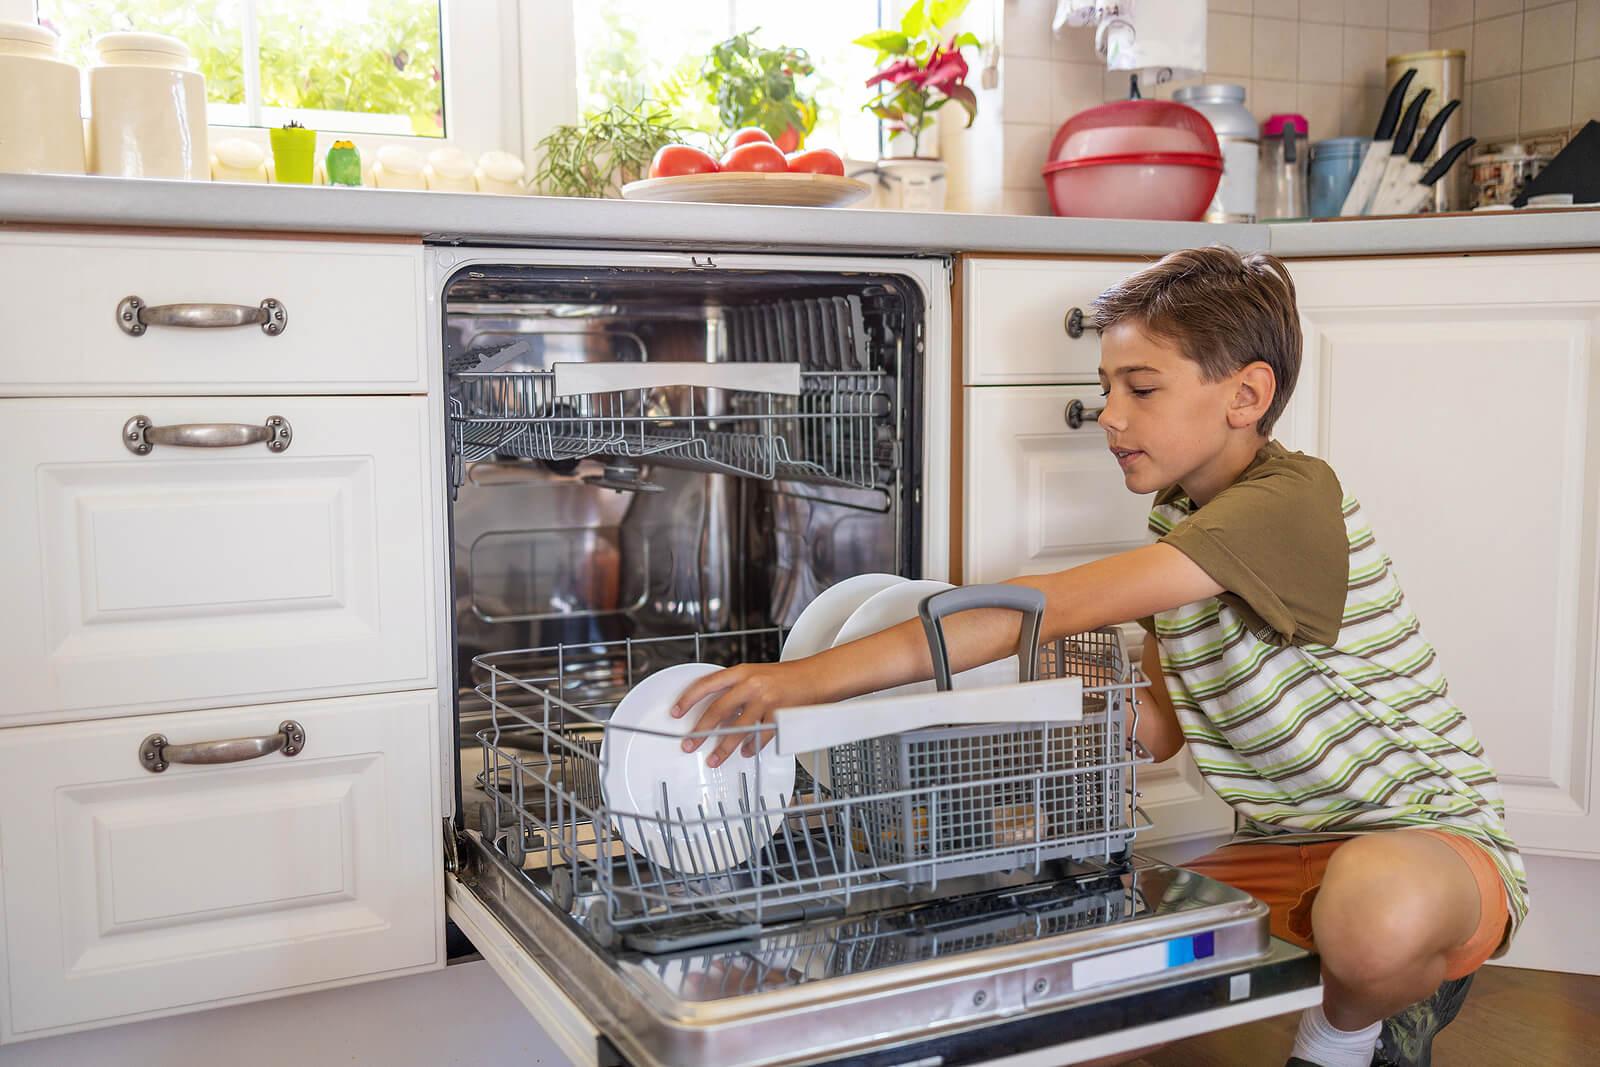 Niño metiendo los platos sucios en el lavavajillas para fomentar la responsabilidad en niños.